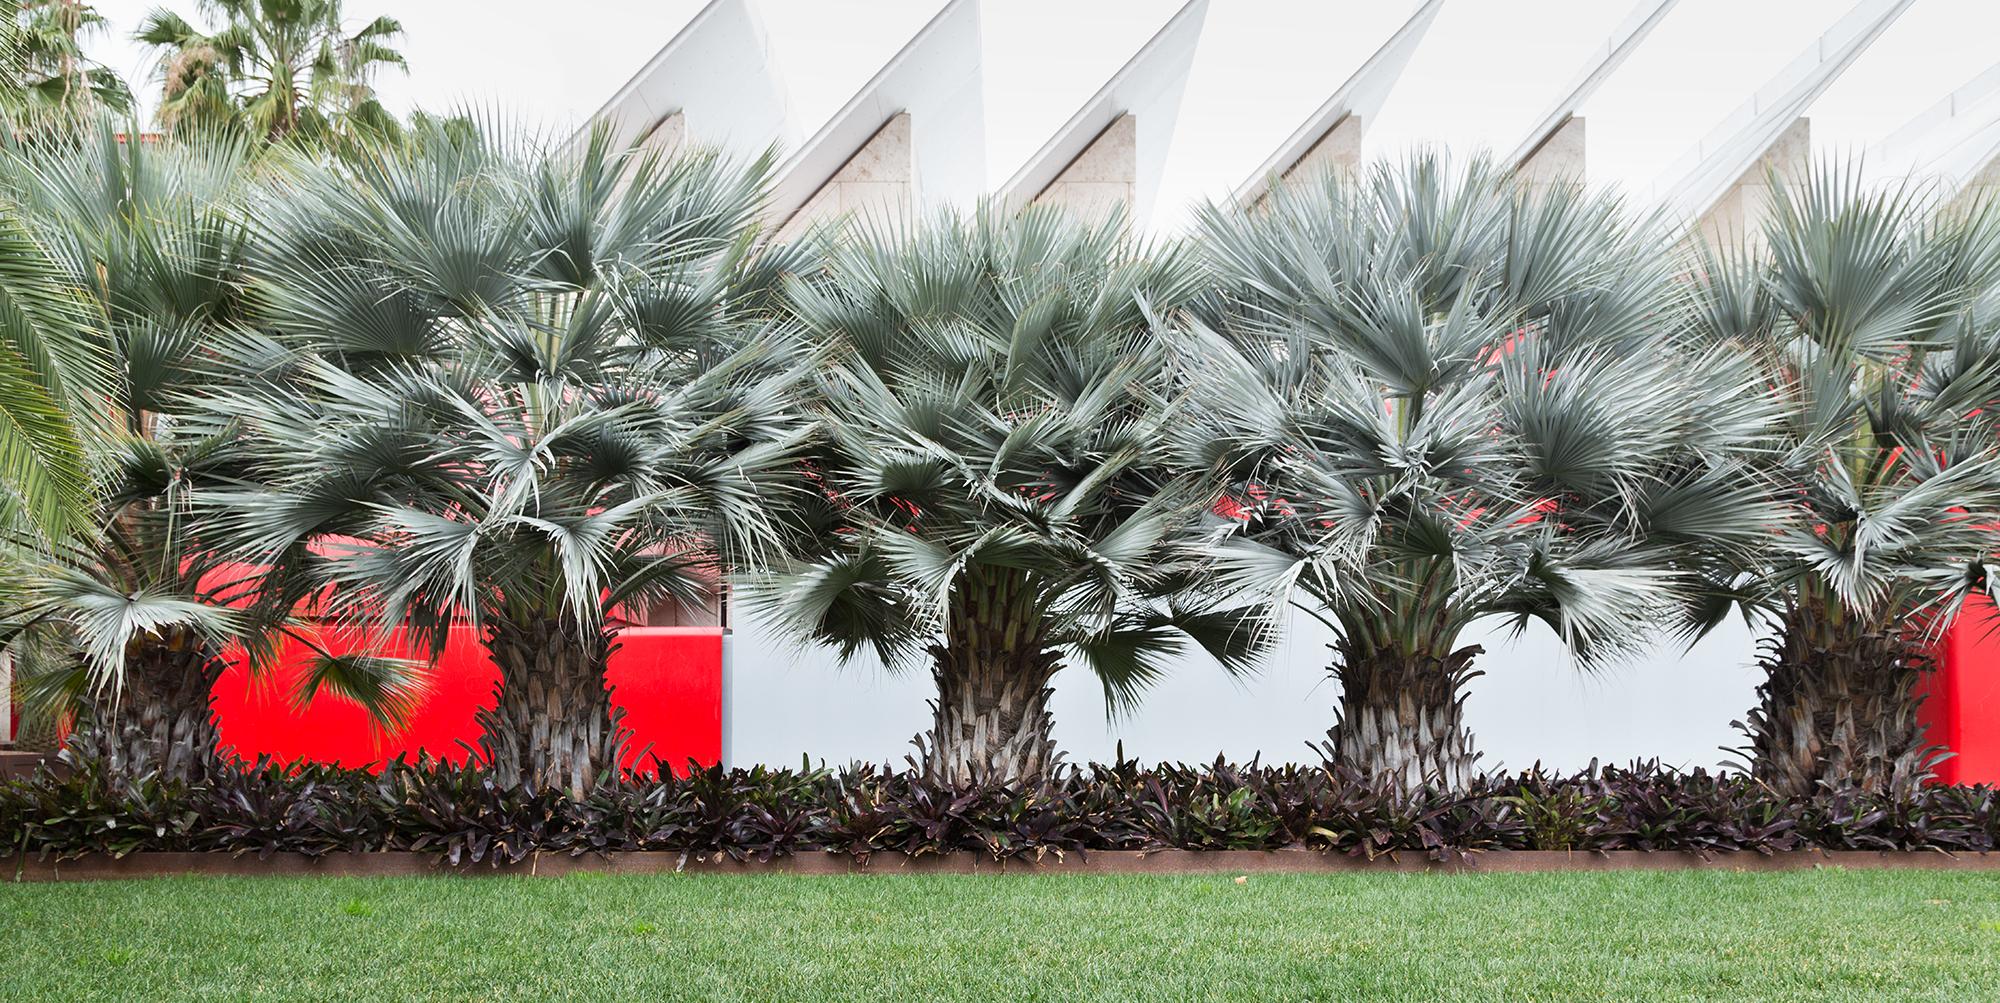 Robert Irwin's Palms | Unframed